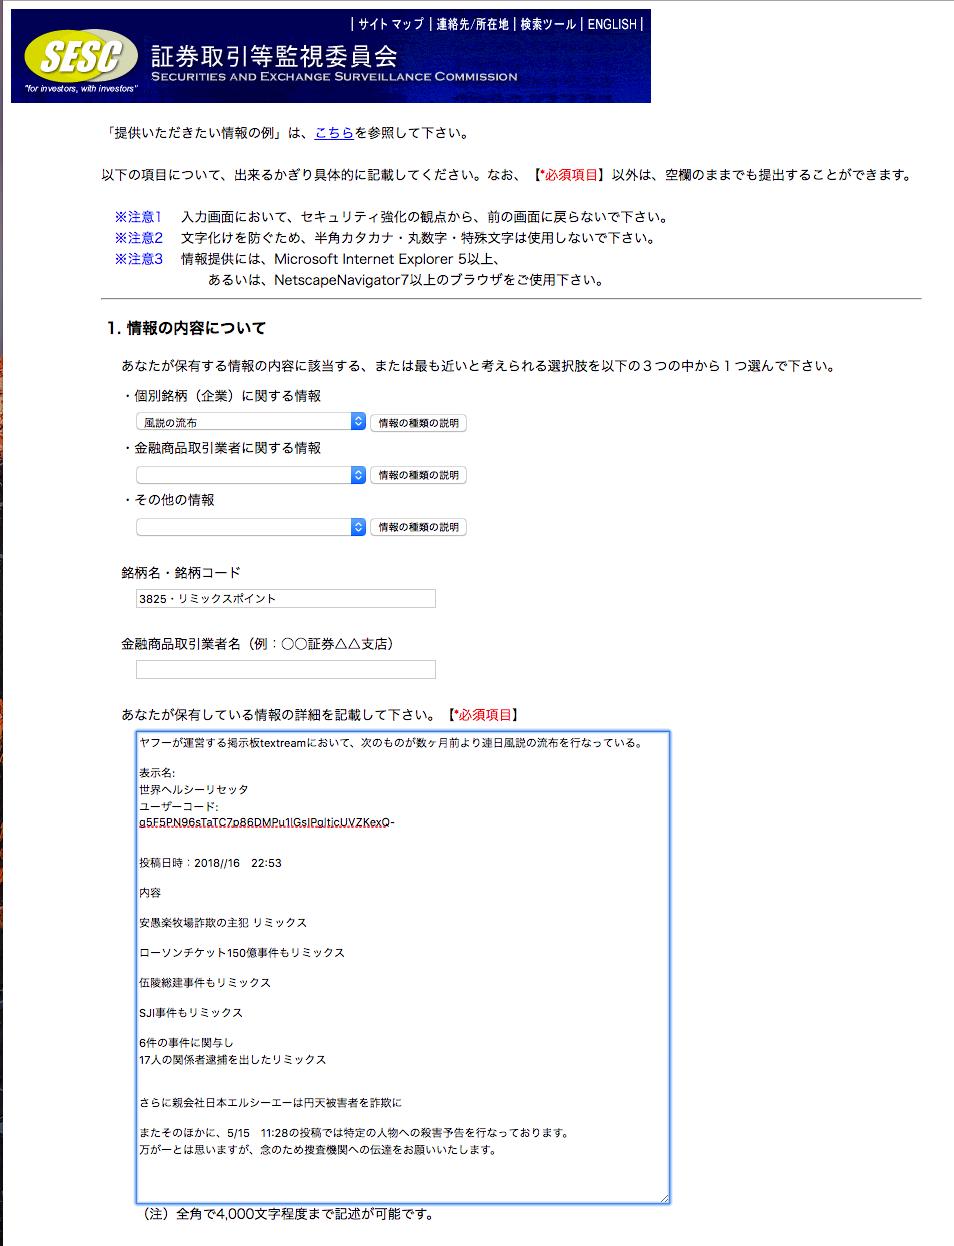 3825 - (株)リミックスポイント ツーホーwwww > 安愚楽牧場詐欺の主犯 リミックス >  > ローソンチケット